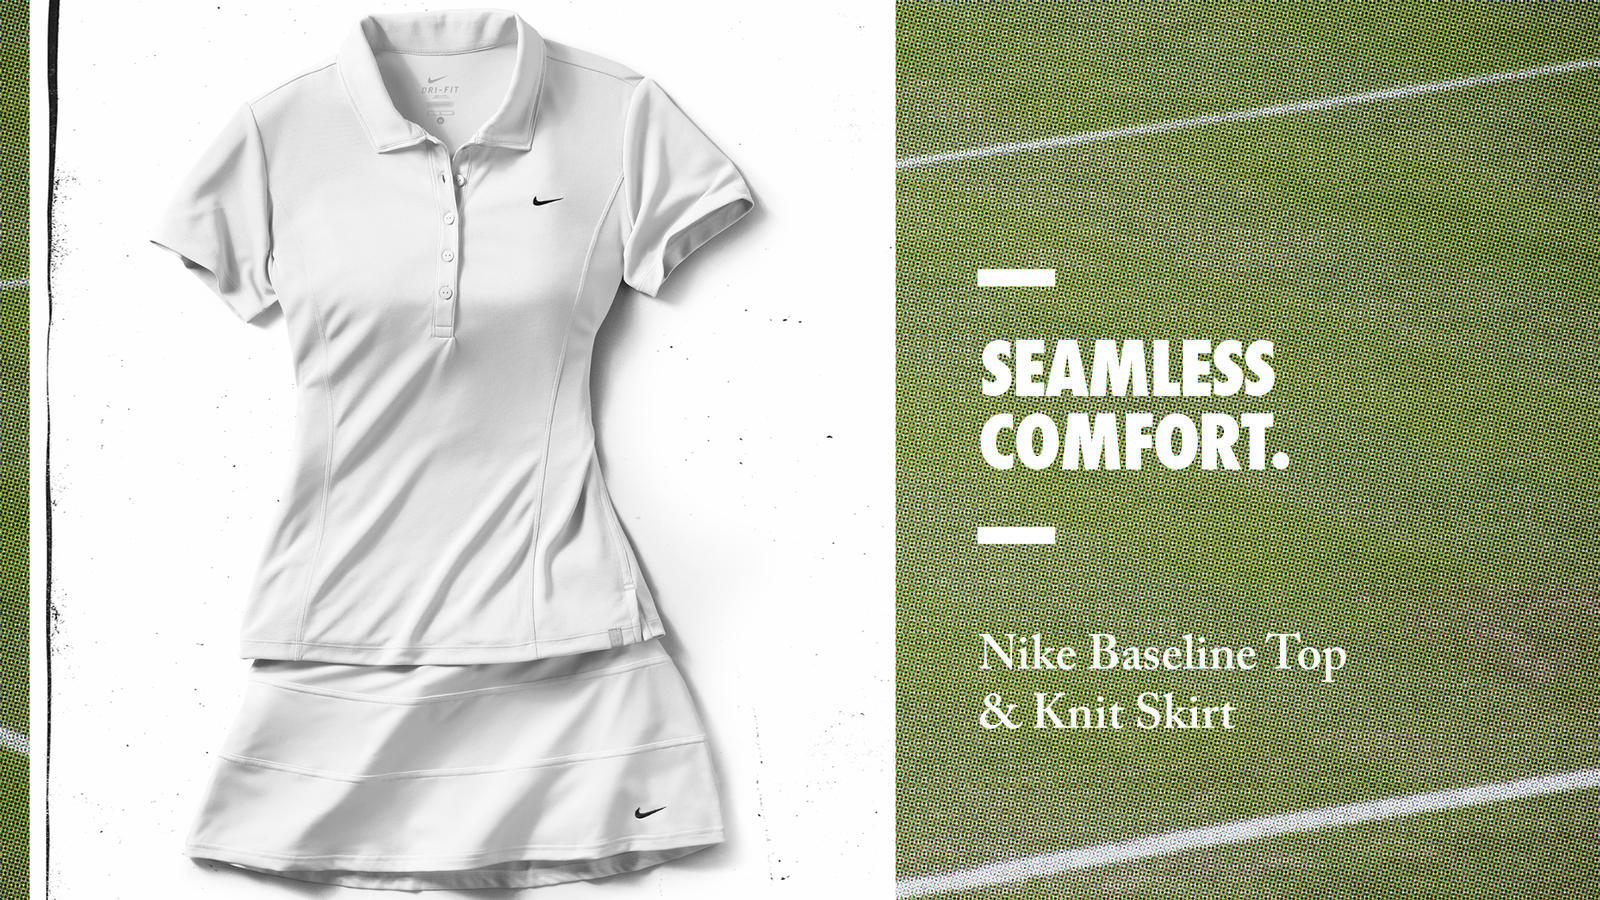 SU12_TN_Wimbledon_DigitalLookbook_FINAL_Text31